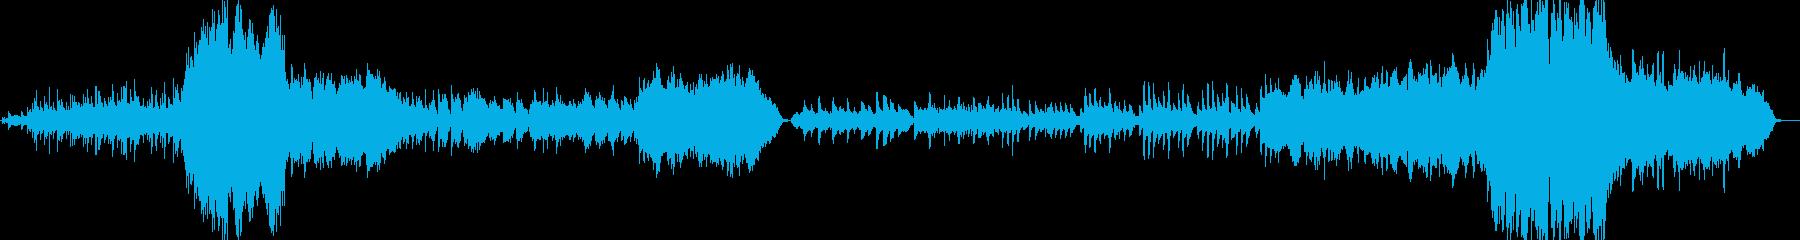 幻想的で壮大なクワイア付きオーケストラの再生済みの波形